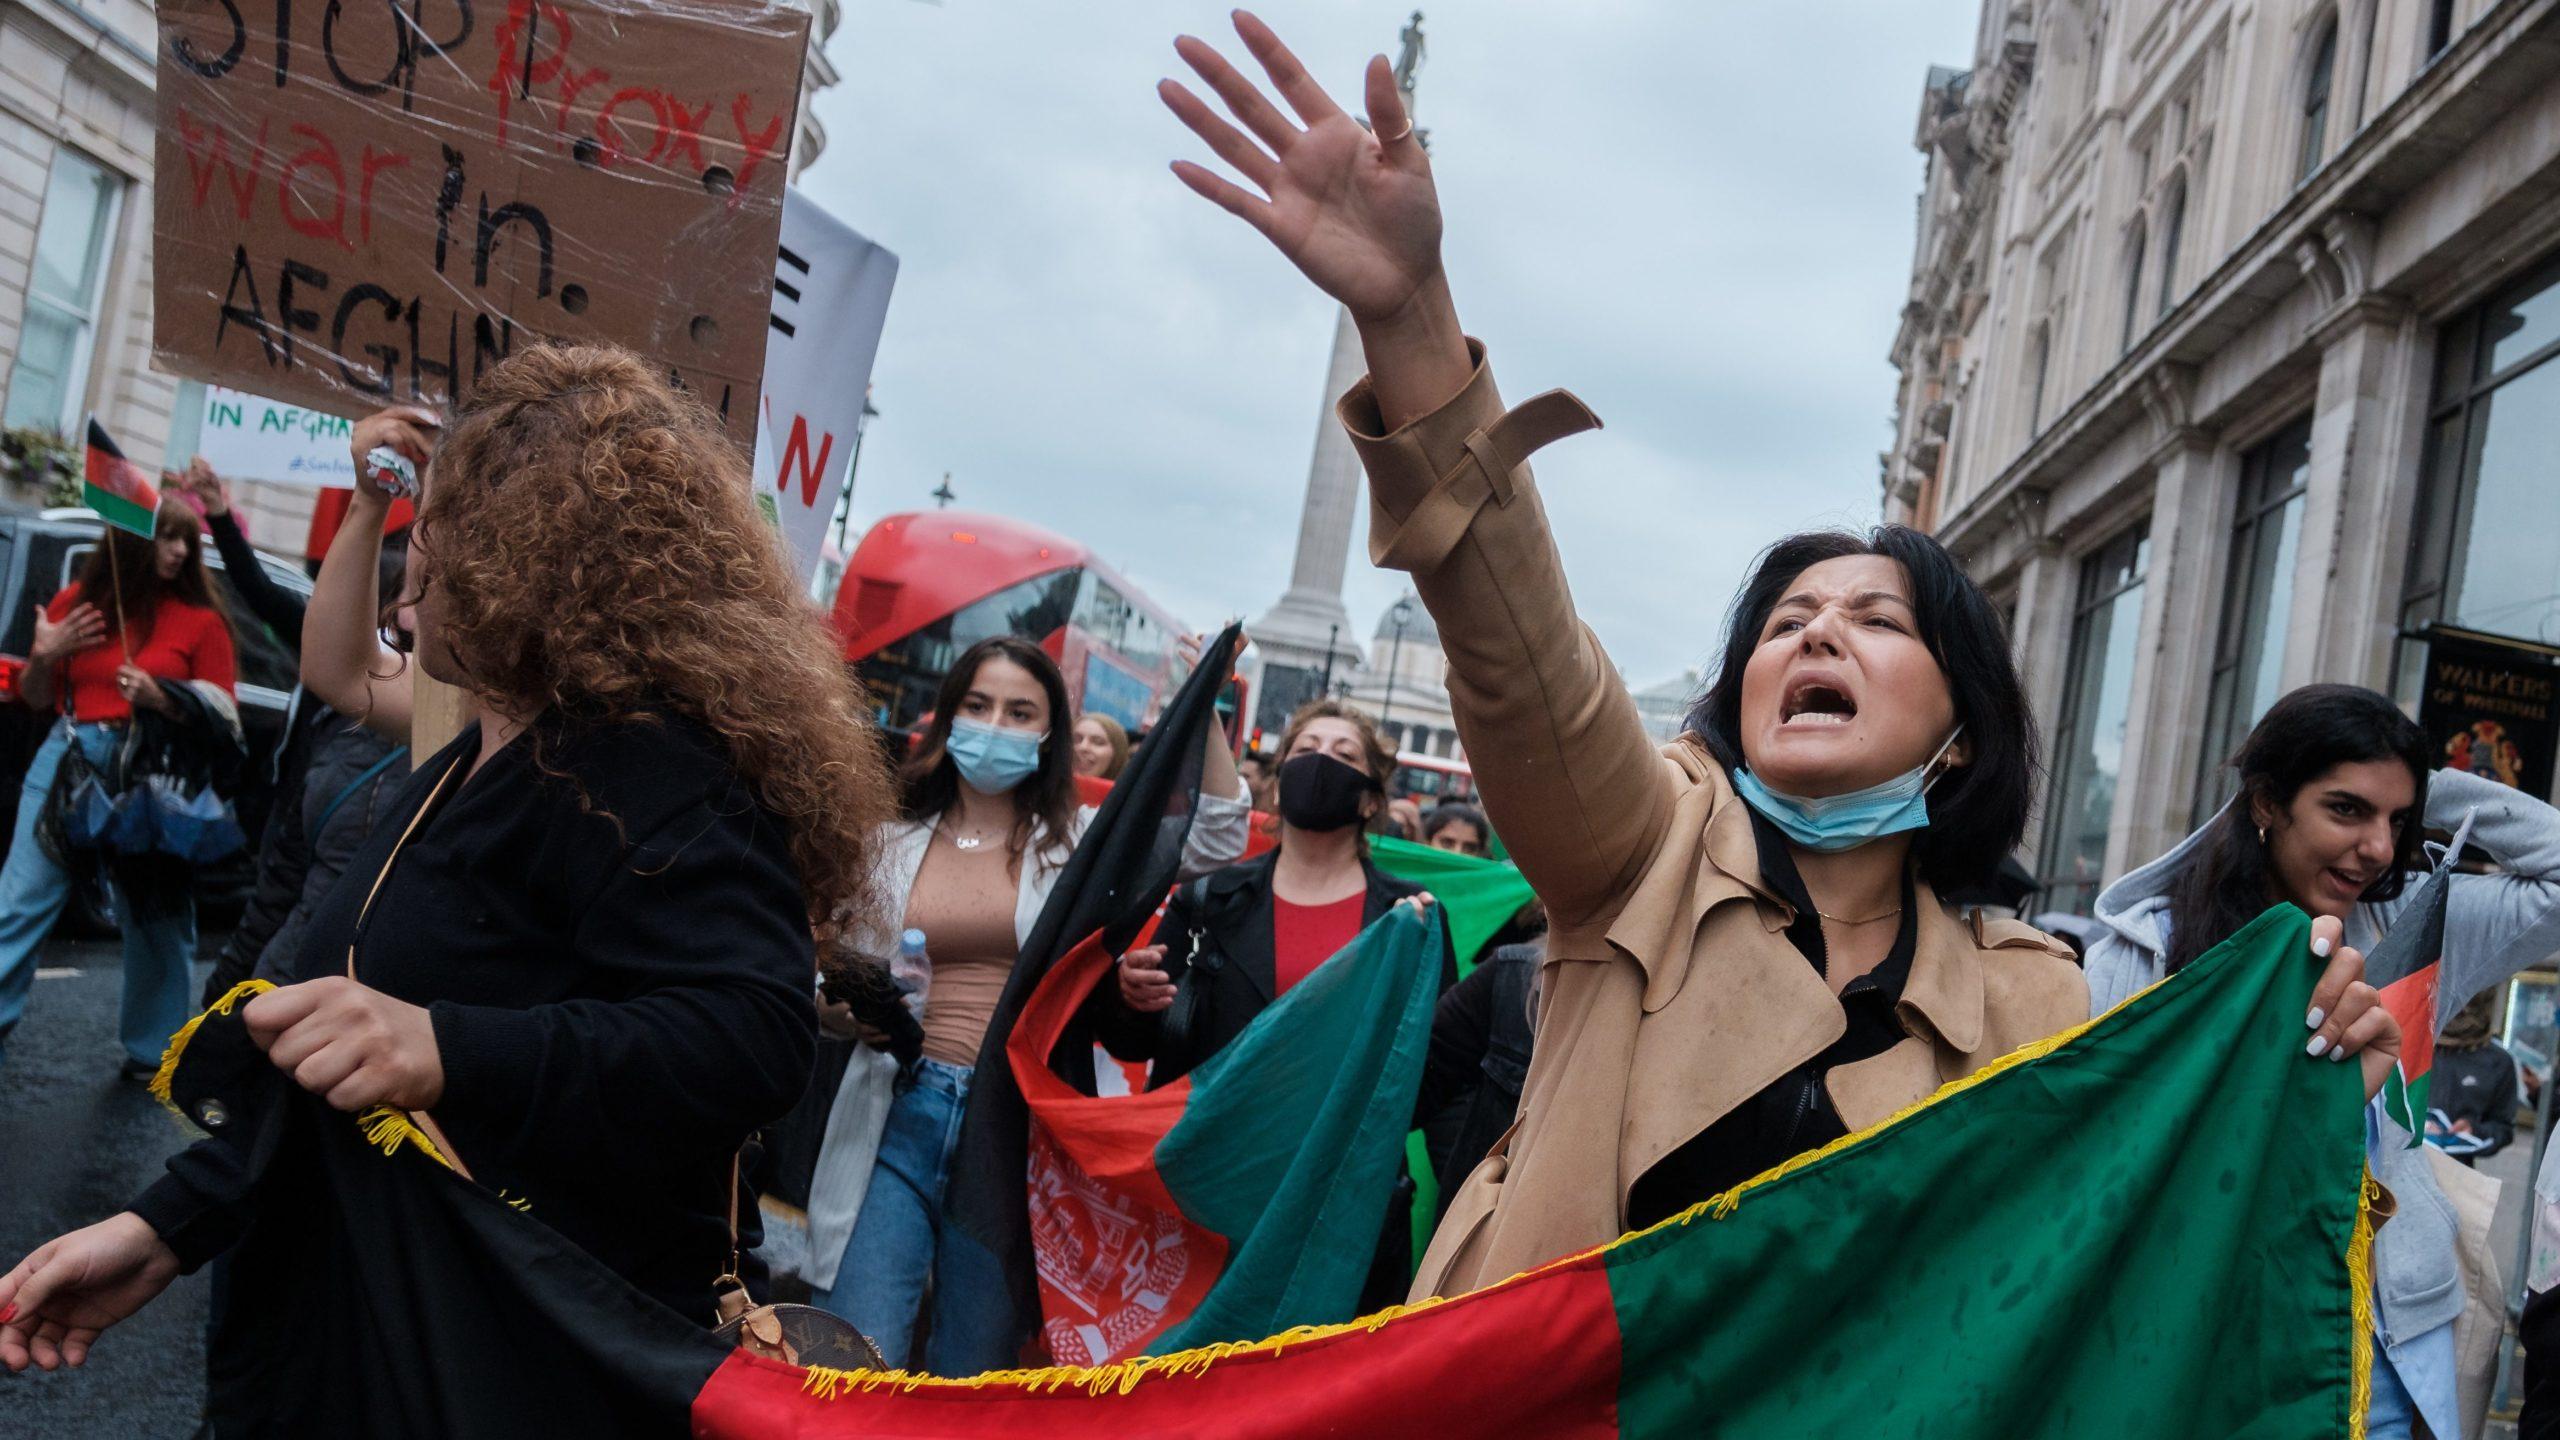 Protesto contra violência no Afeganistão em Londres (Imagem: Ehimetalor Akhere/ Unsplash)